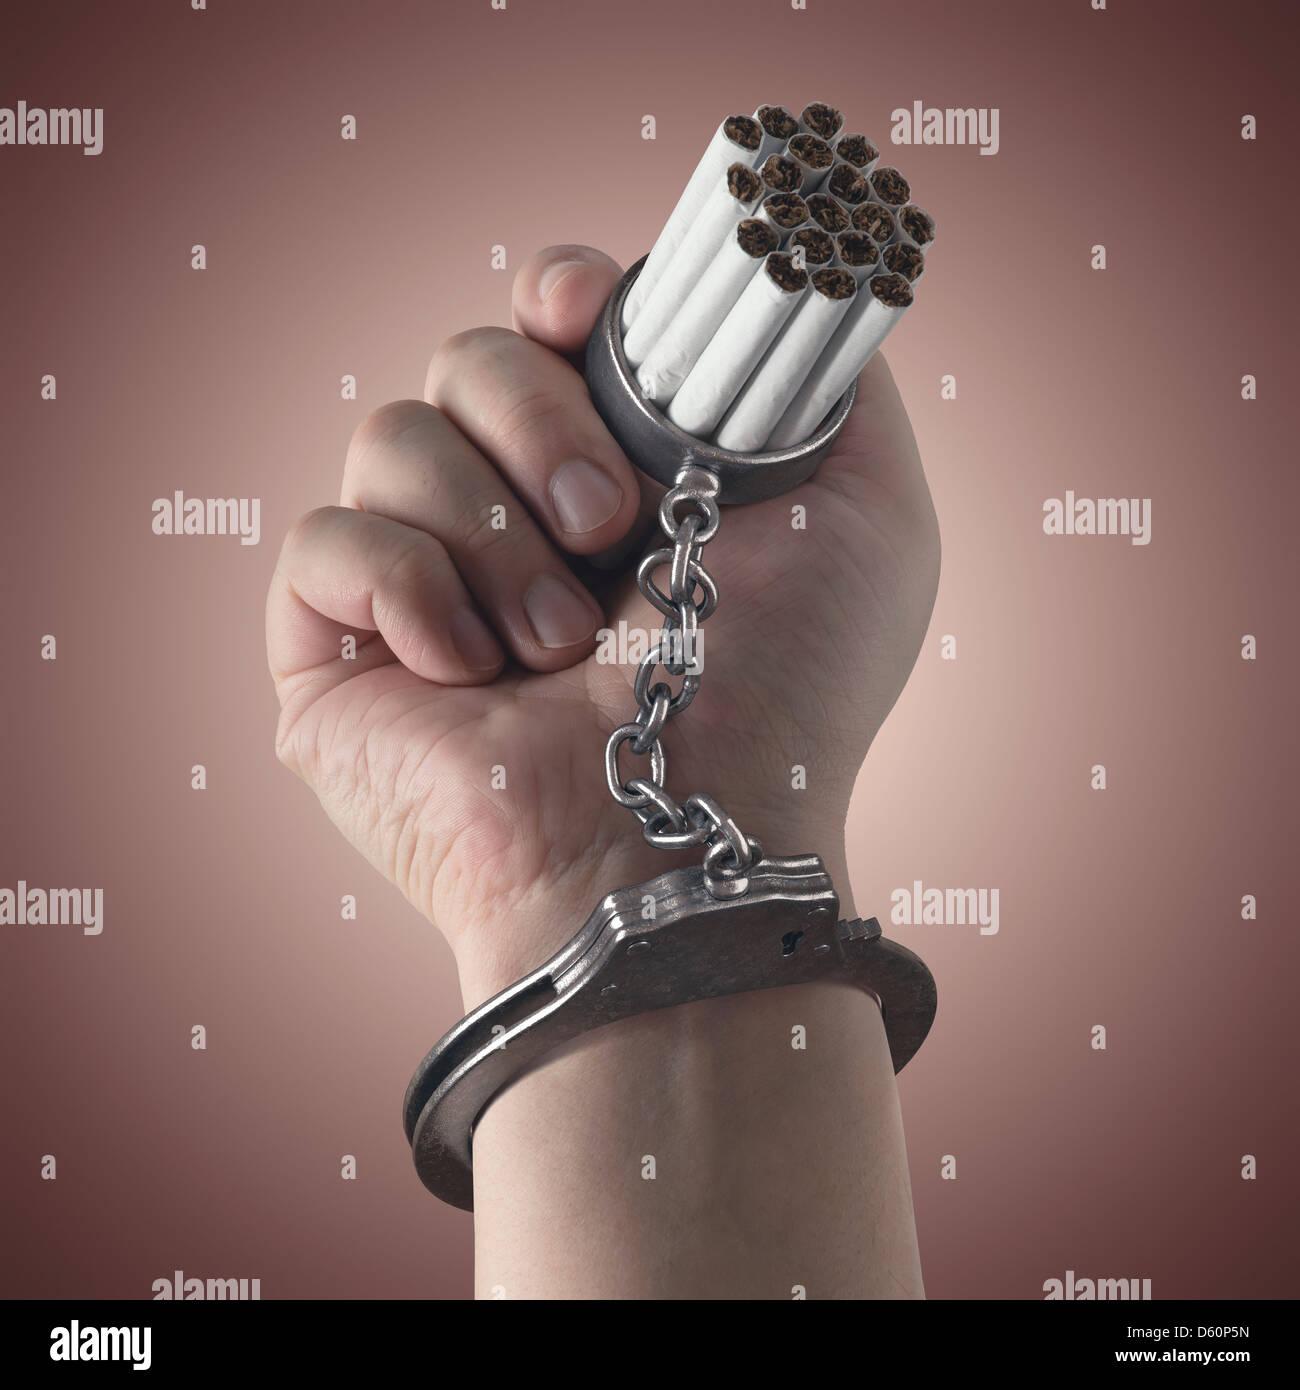 Sigarette bloccato sul lato da un manette, il concetto di dipendenza. Immagini Stock